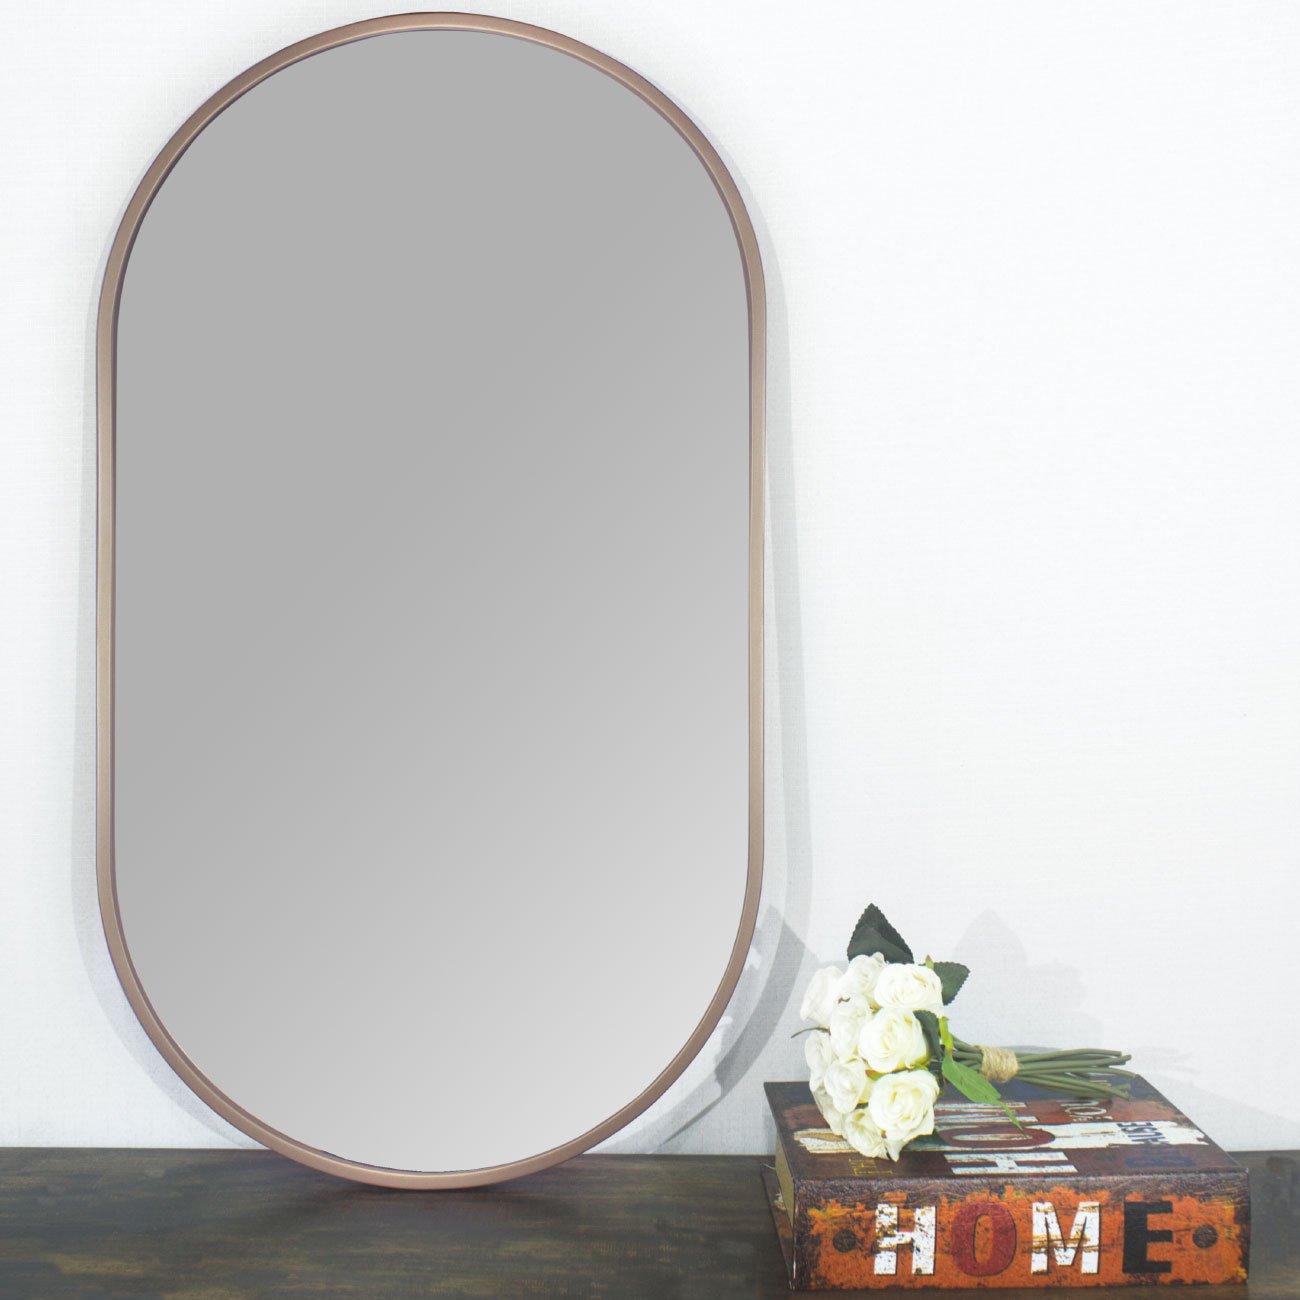 Espelho retangular cobre sobre aparador.